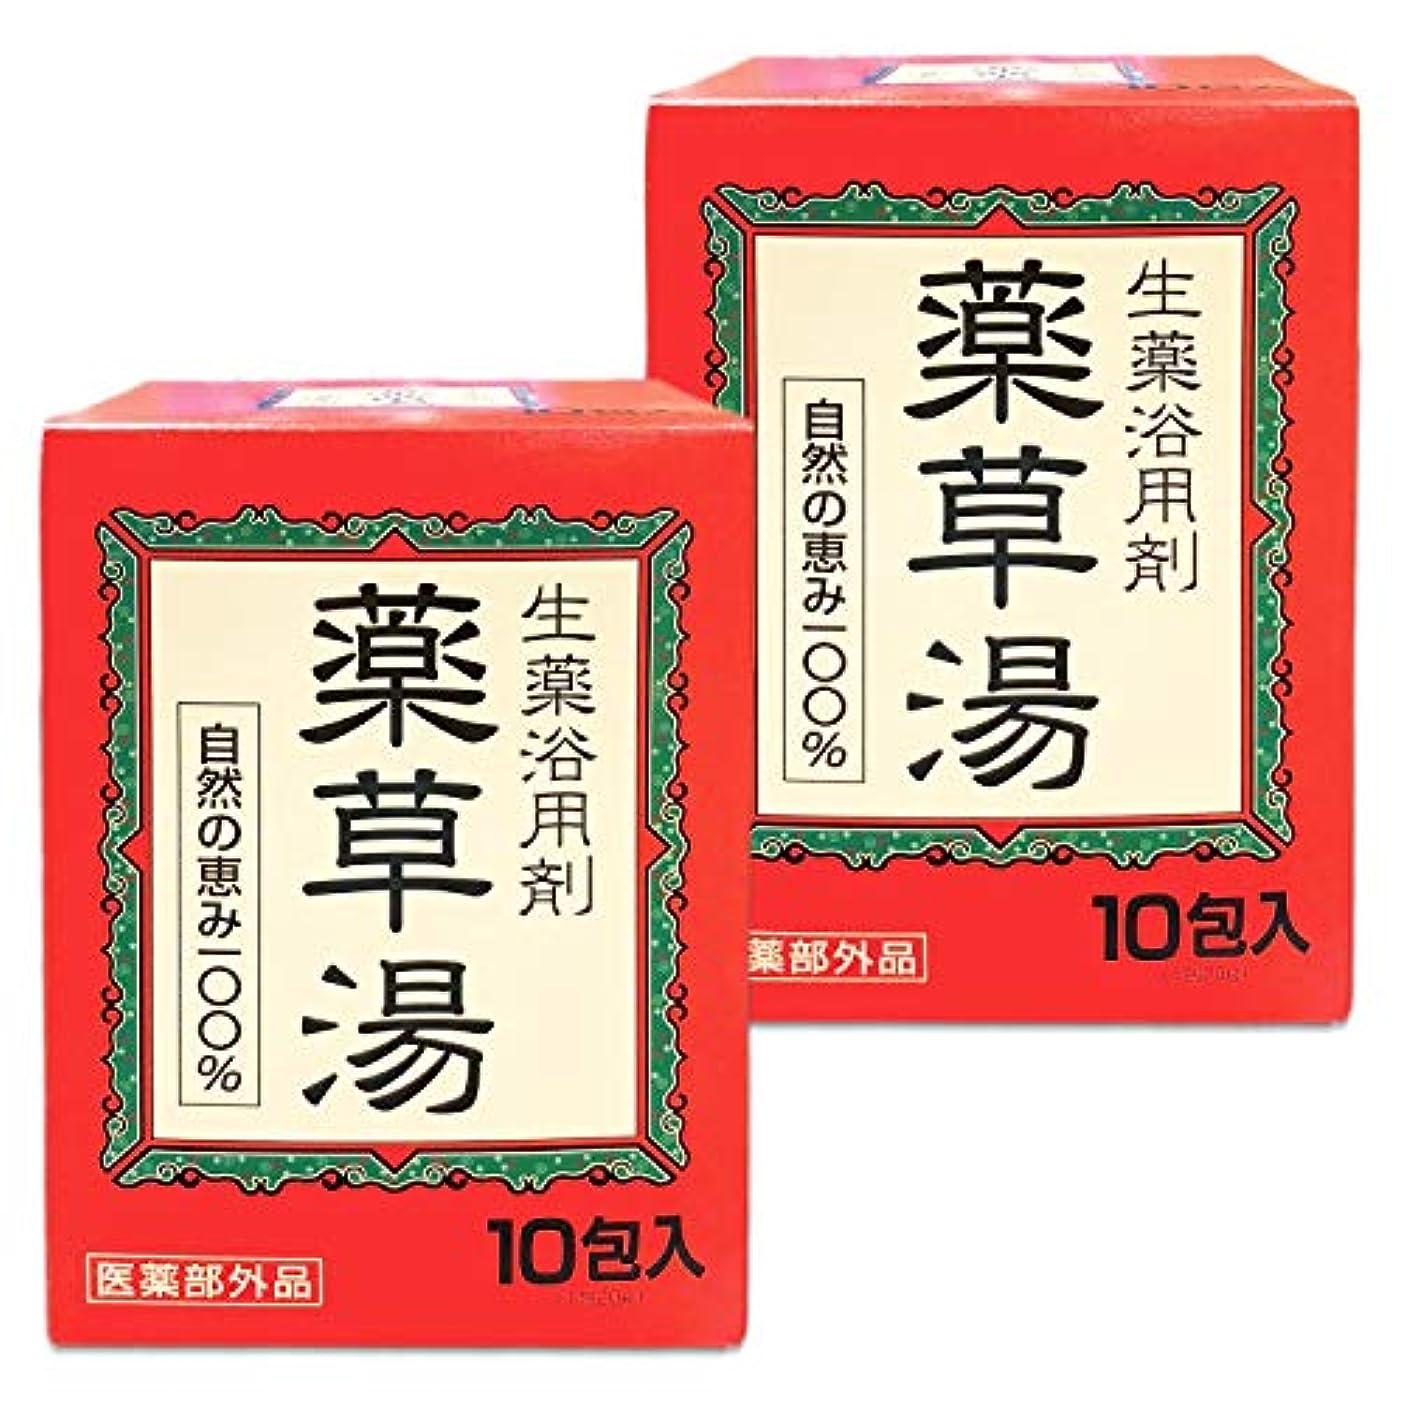 傾向があります埋め込むソフトウェア【まとめ買い】 薬草湯 生薬浴用剤 10包入×2個 自然のめぐみ100% 医薬部外品